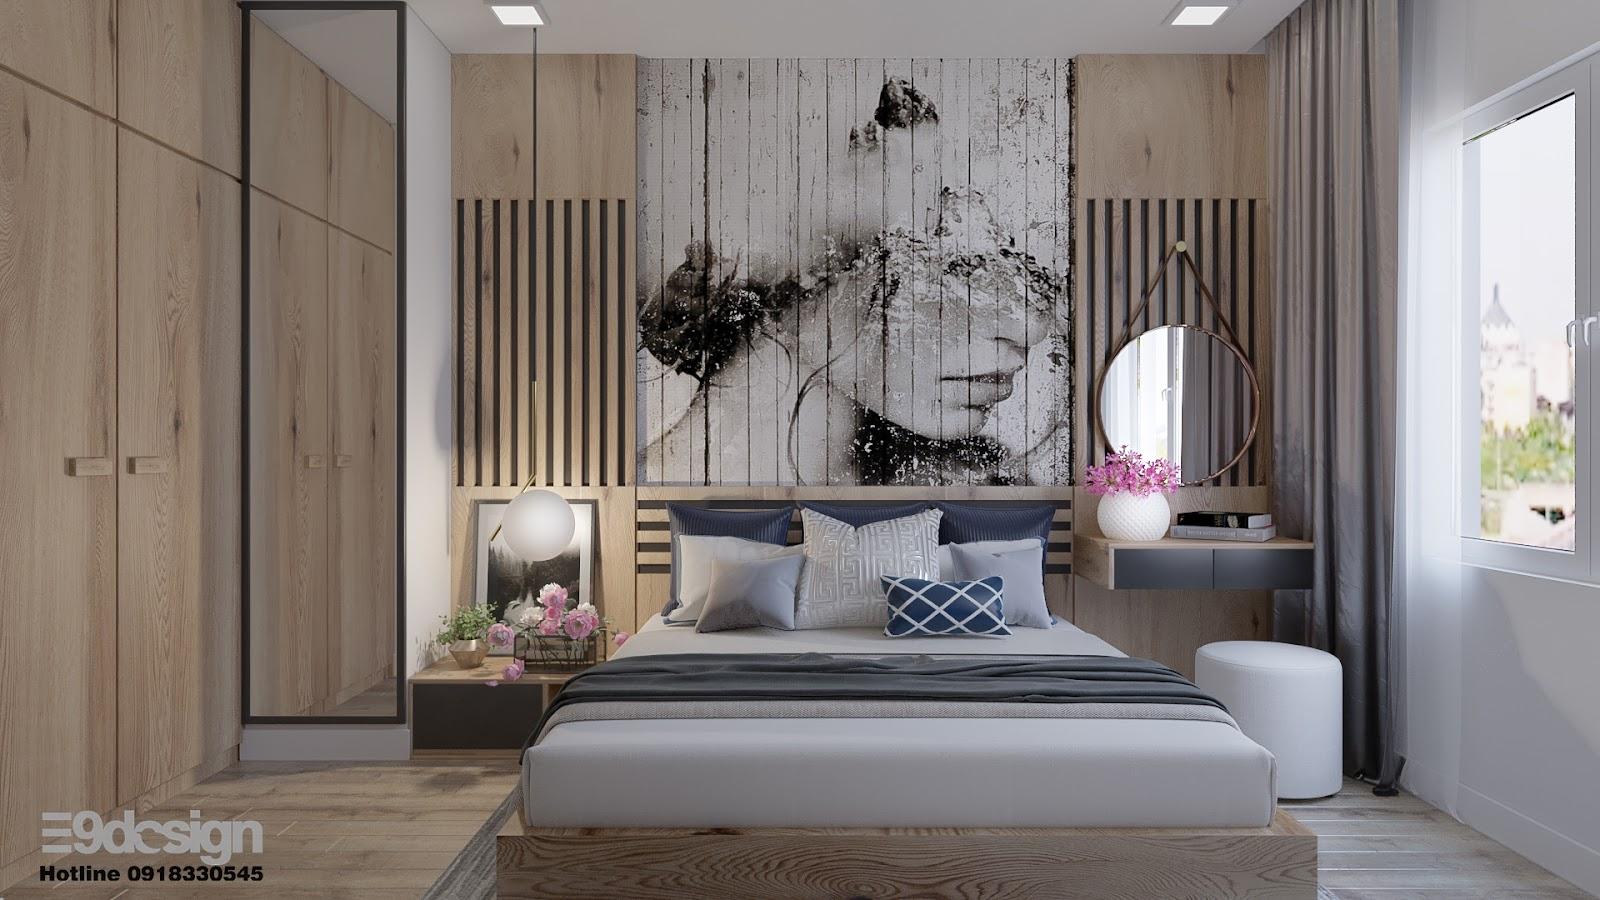 E9 Design công ty thiết kế nội thất